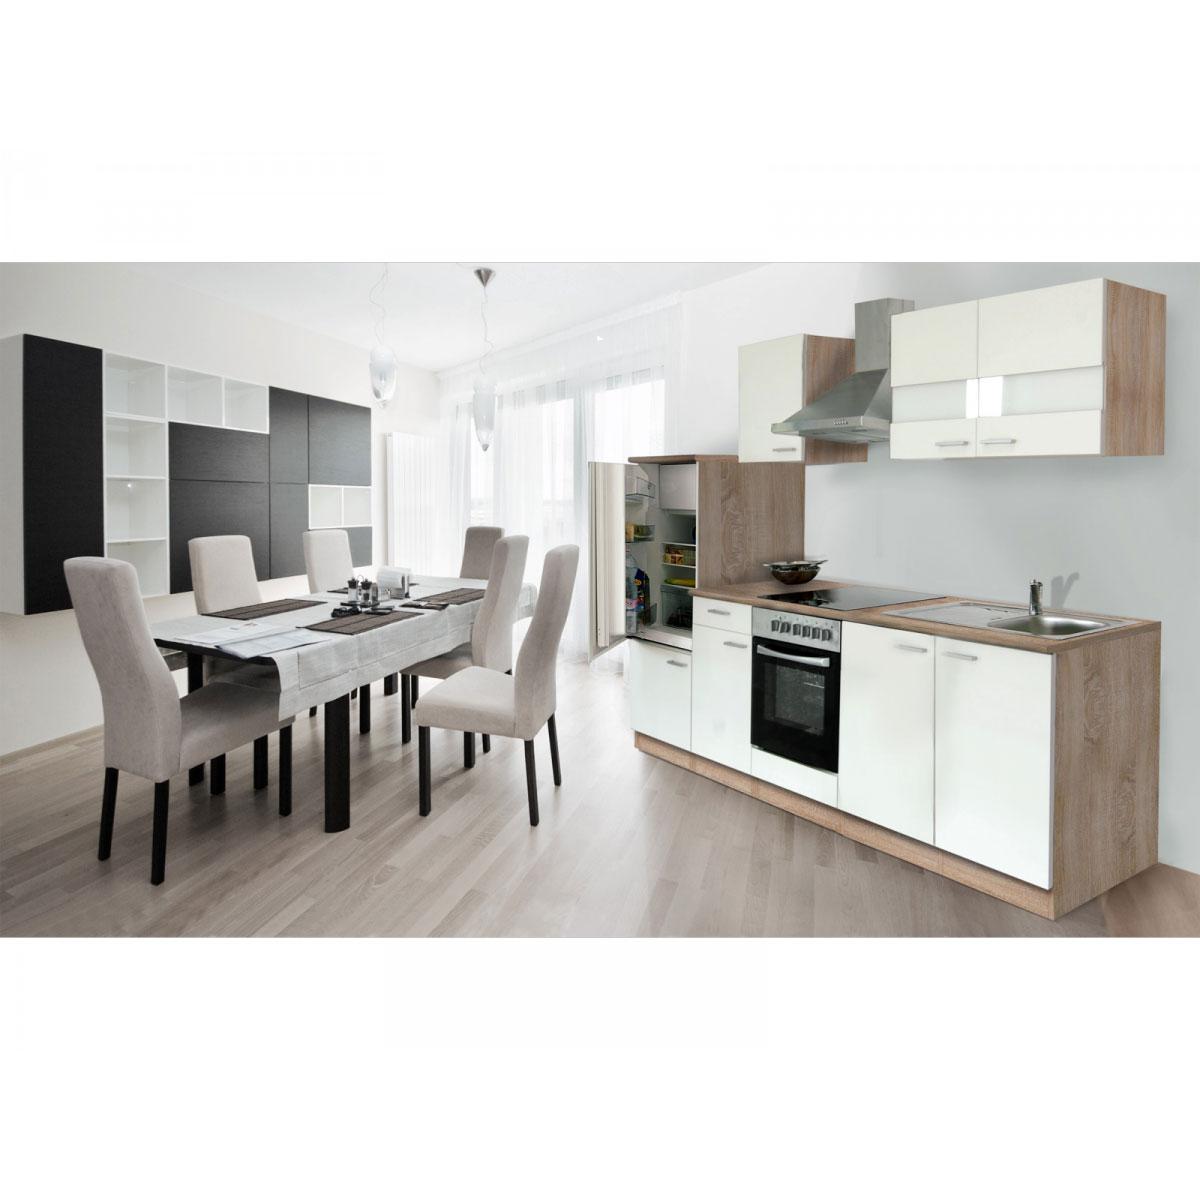 Respekta Küchenzeile 270 cm Eiche Sägerau Weiß, mit Geräten, Glaskeramikkochfeld